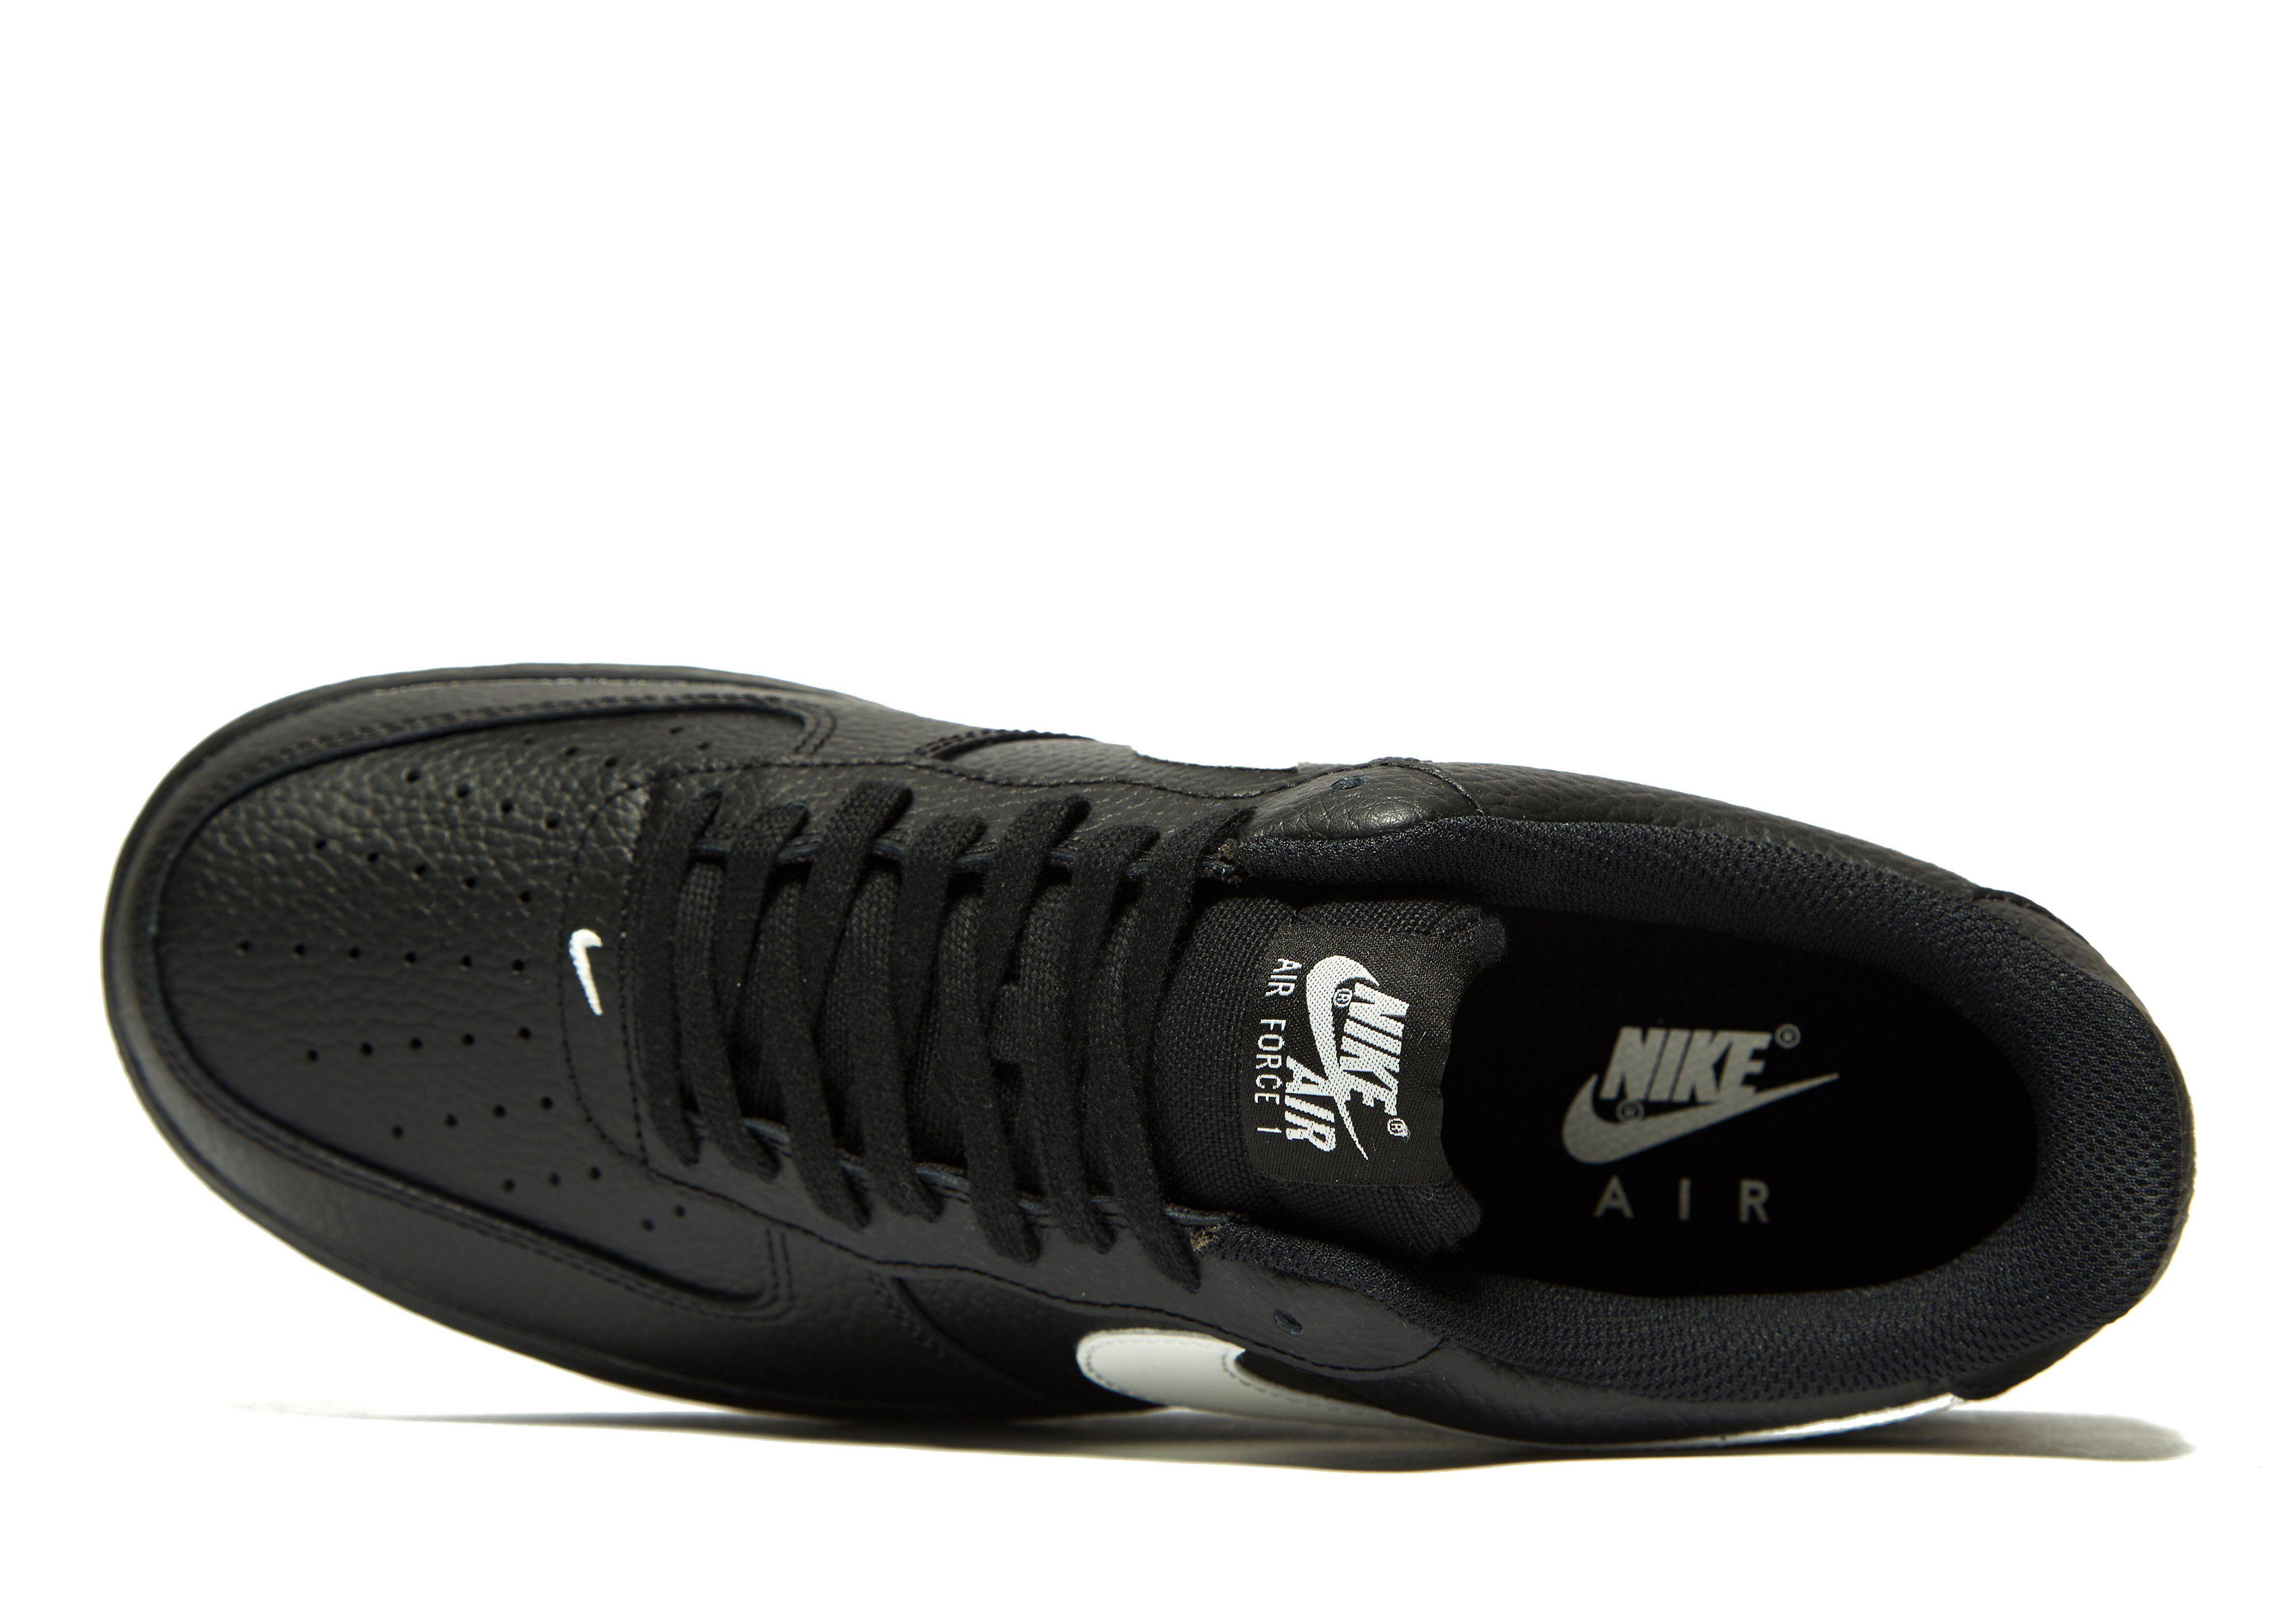 Nike Air Force 1 07 NBA